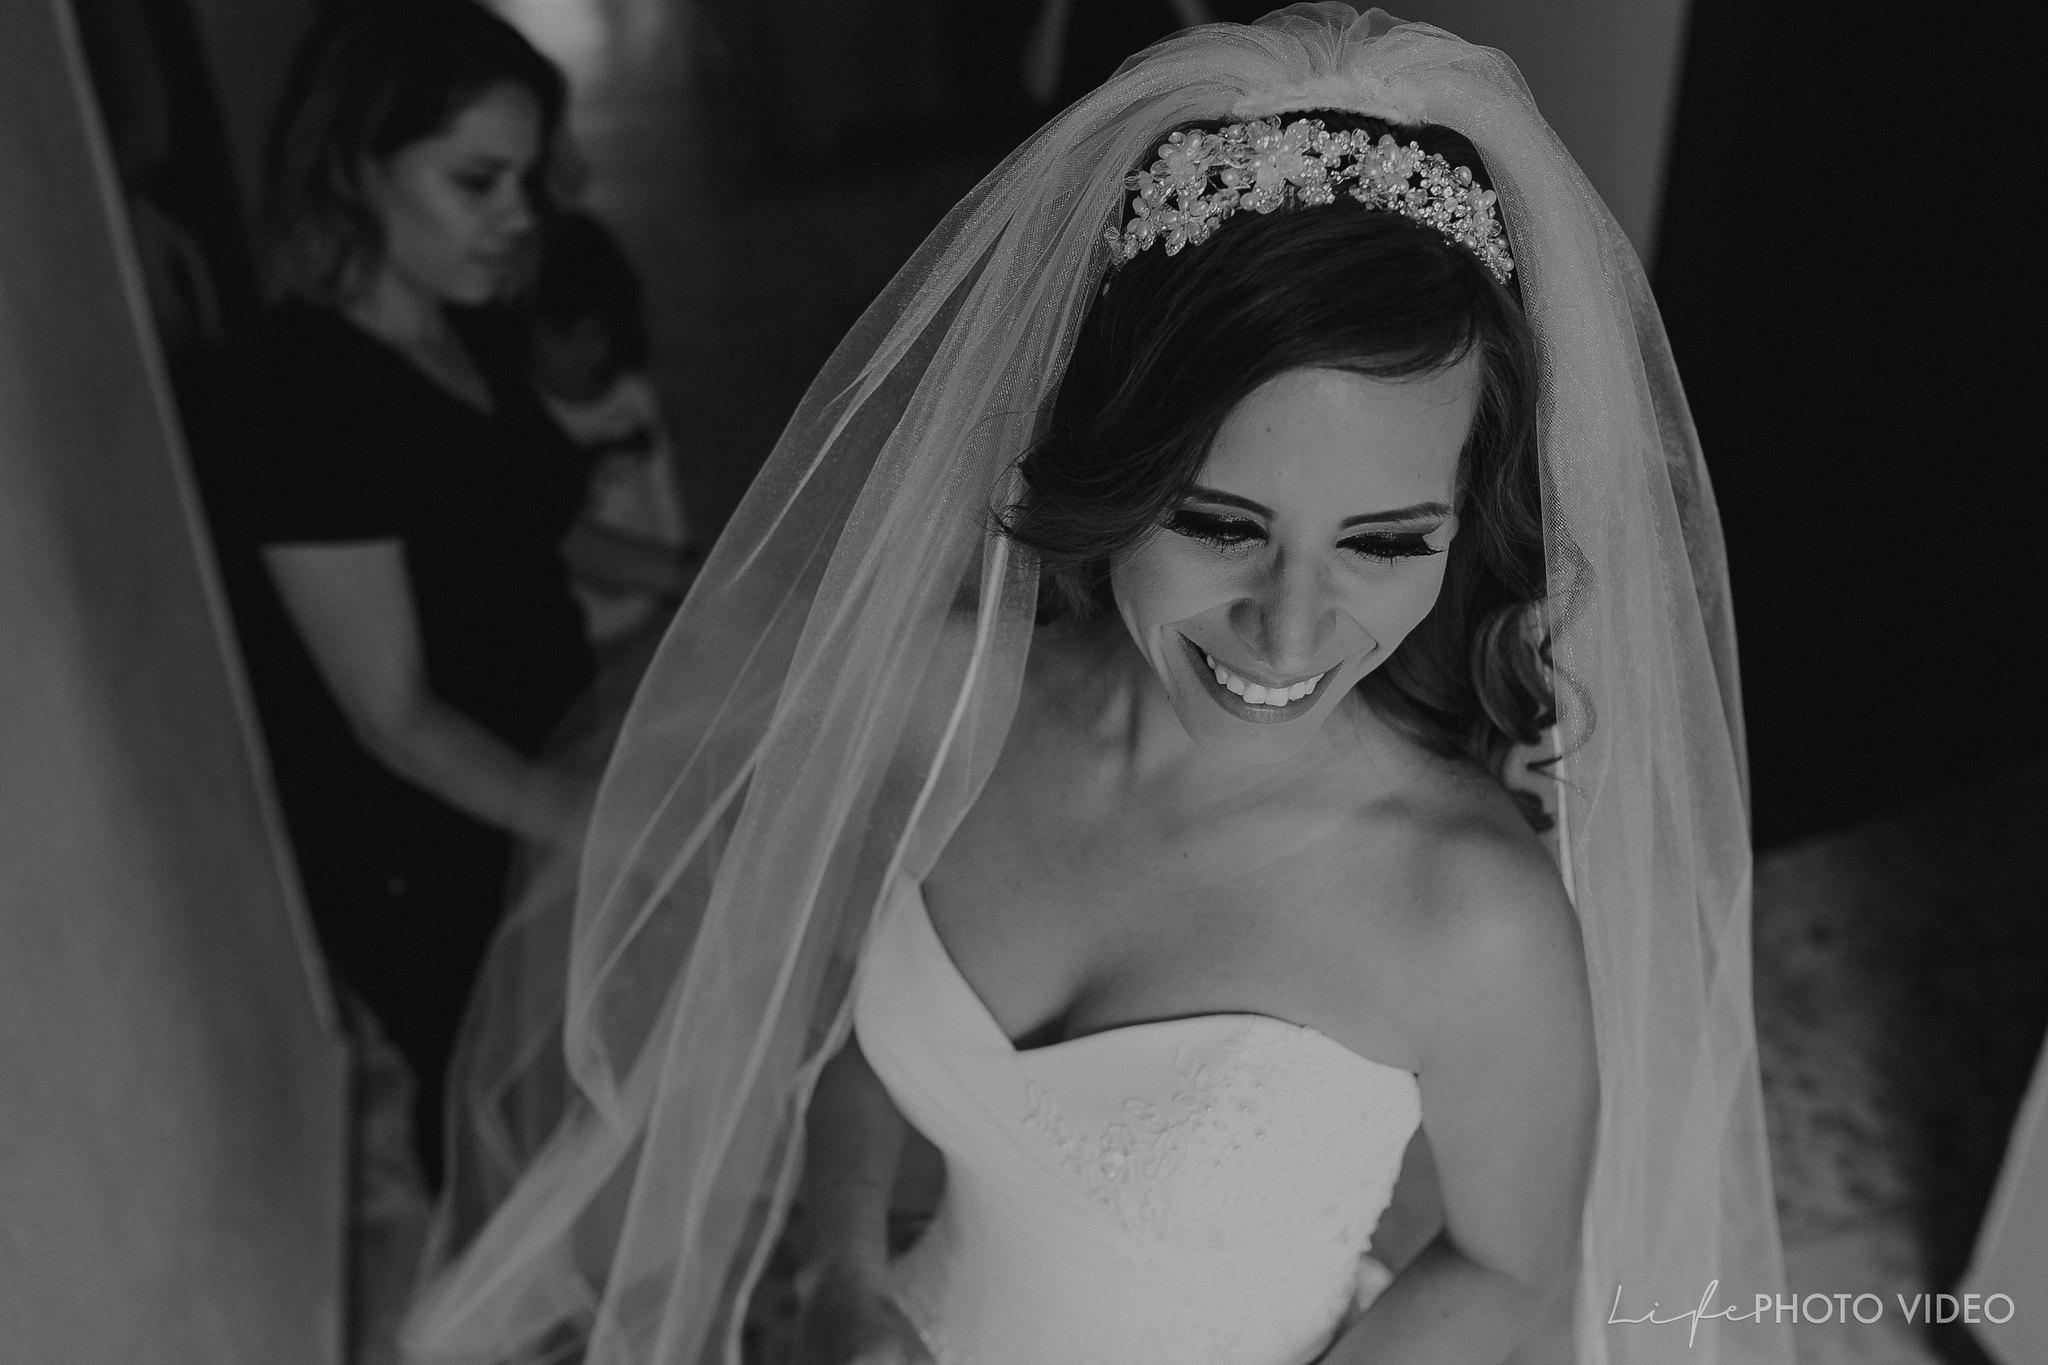 Boda_LeonGto_Wedding_LifePhotoVideo_0006.jpg